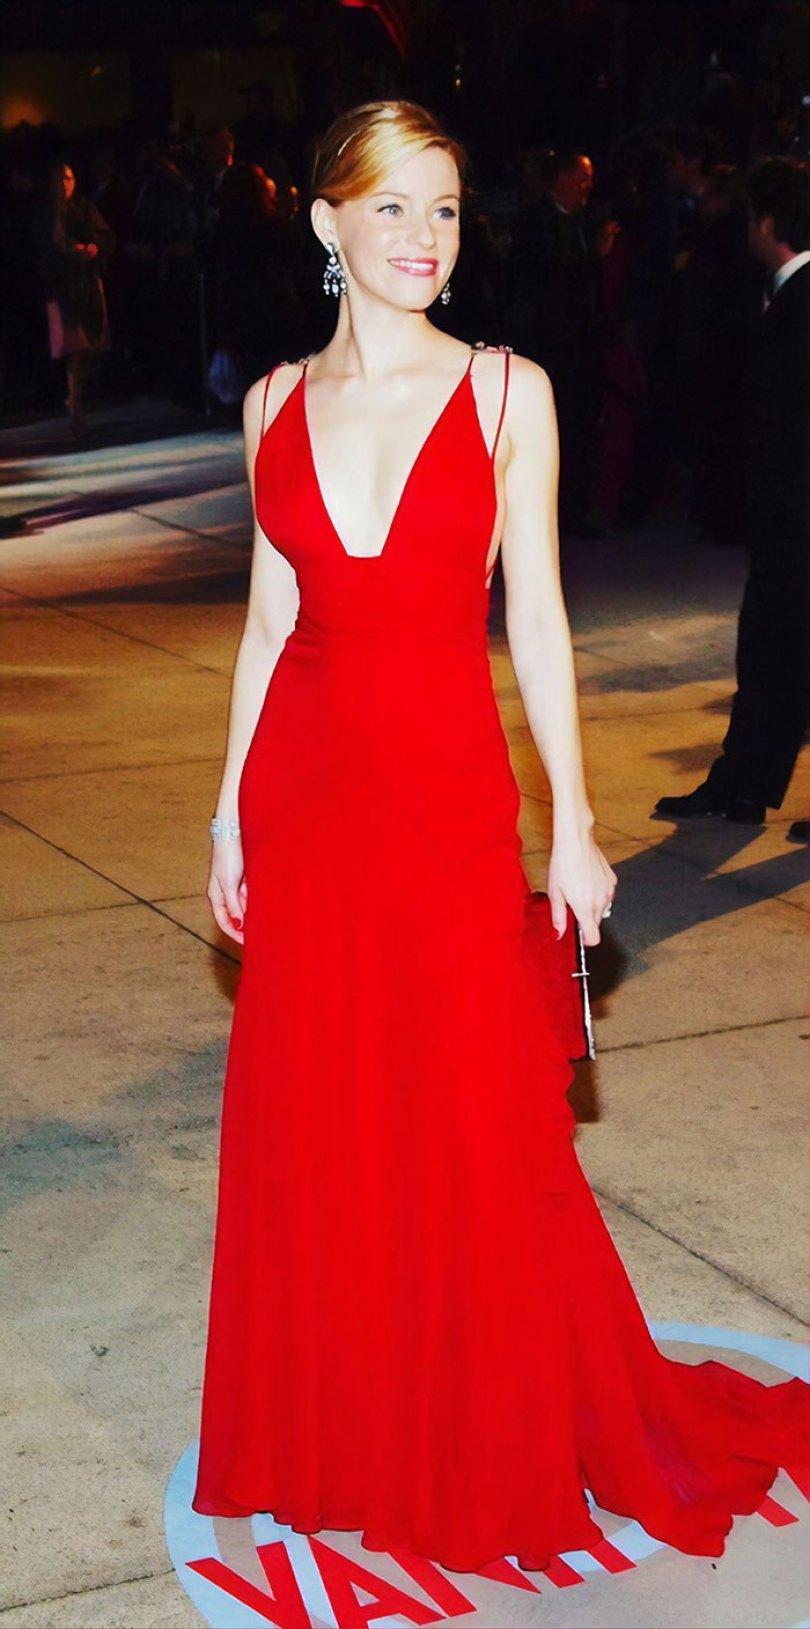 5e43b706d38a0 celebrities actors recycled clothes sustainability oscars 10 5e42aea5c58f1  700 - Ricas, sim! Repetir o vestido, também!